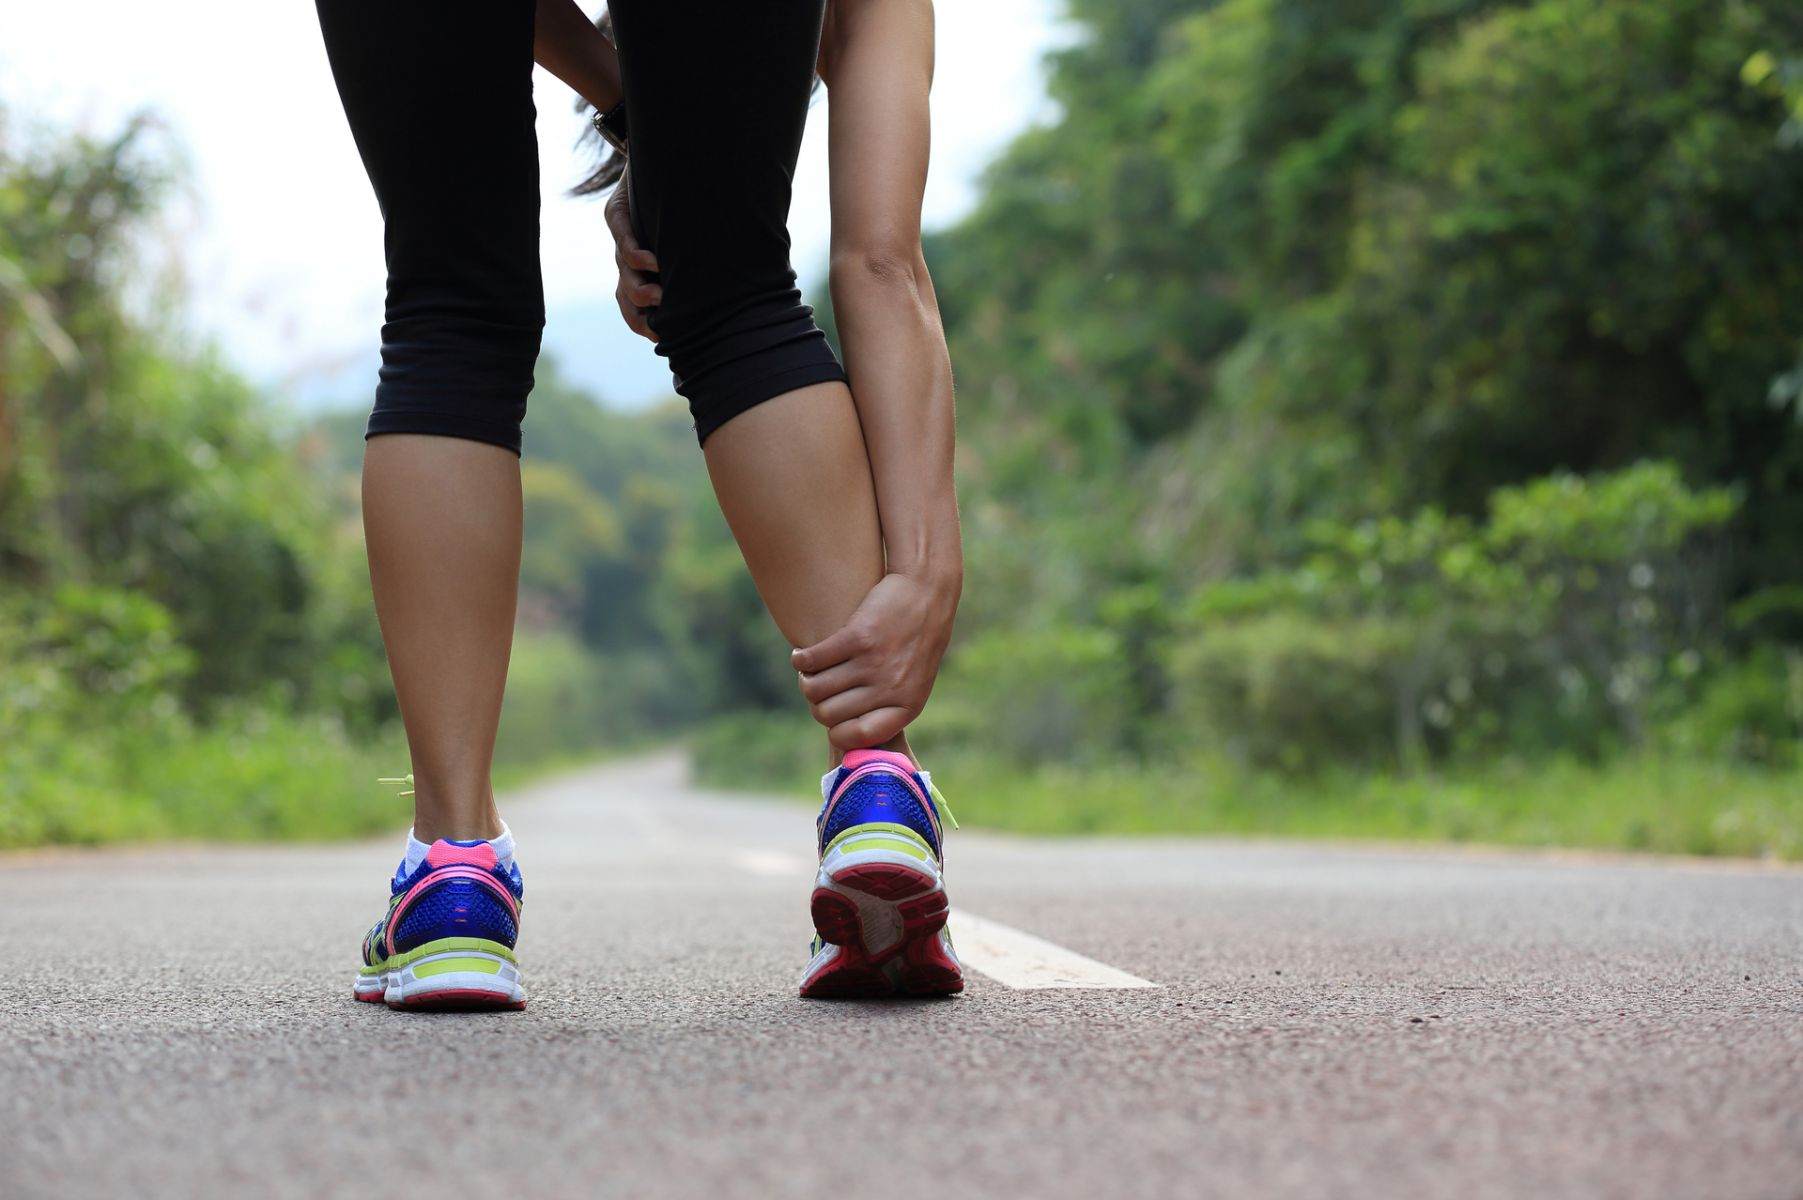 腳踝扭傷別輕忽!學會兩大處理原則 遊玩旺季走跳自如